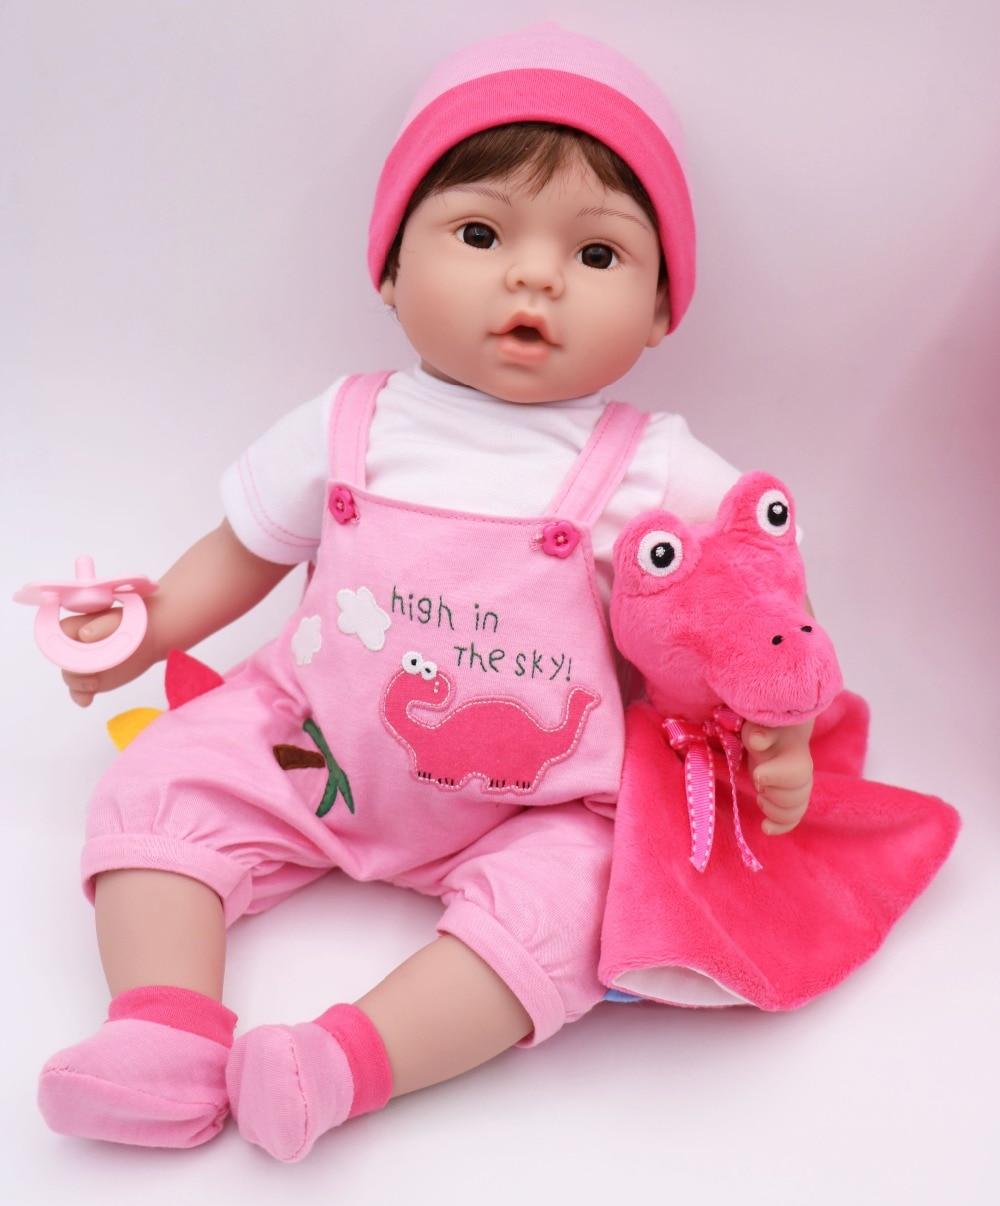 40 cm Silicone Reborn bébé poupée jouet vinyle bebe vivant jumeaux bleu/rose porte-bébé élingue bonecas jouet réaliste enfant cadeau d'anniversaire - 6